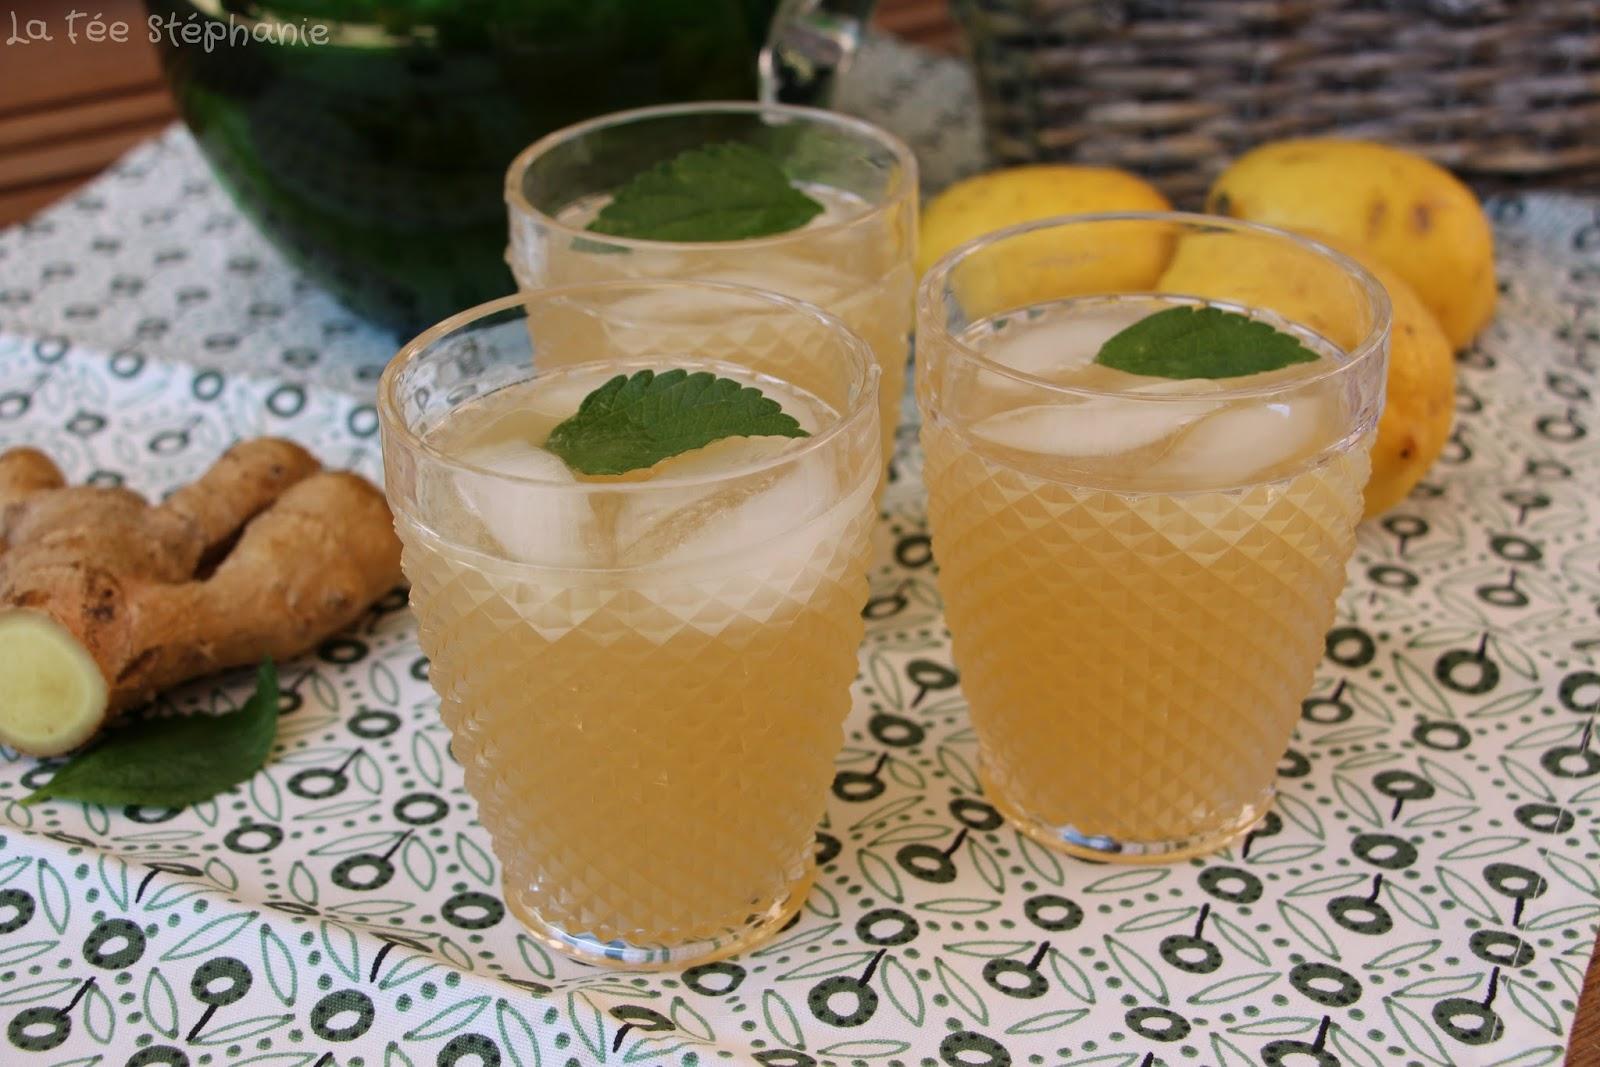 ... 100 % végétal boissons mes recettes recettes enfants 29 juin 2016